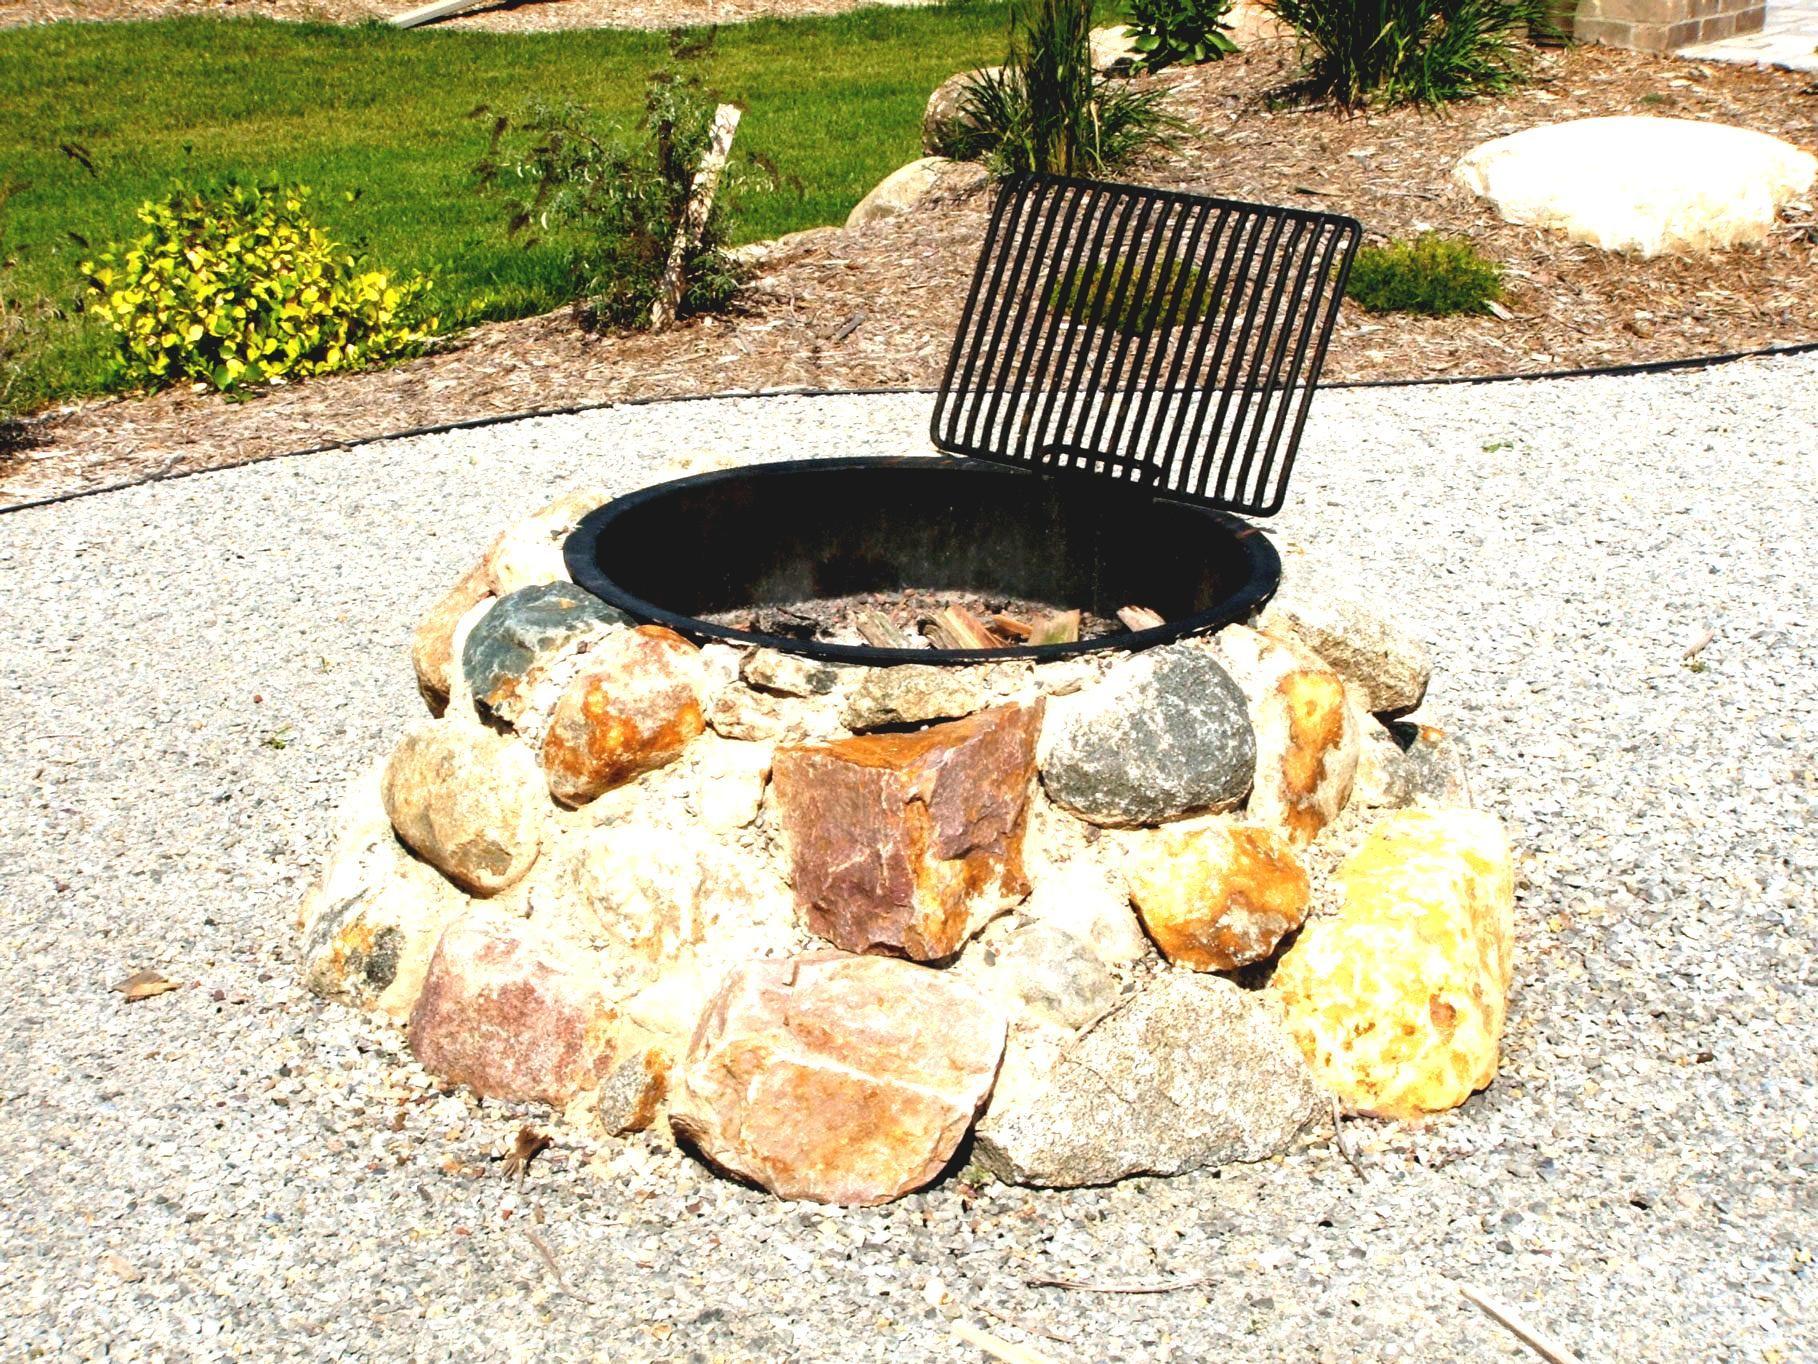 Genial Beton Feuerstelle Ideen Wie Steine Hinzugefugt Holzauflage Gartendeko Homemade Fire Pit Diy Fire Pit Fire Pit Designs